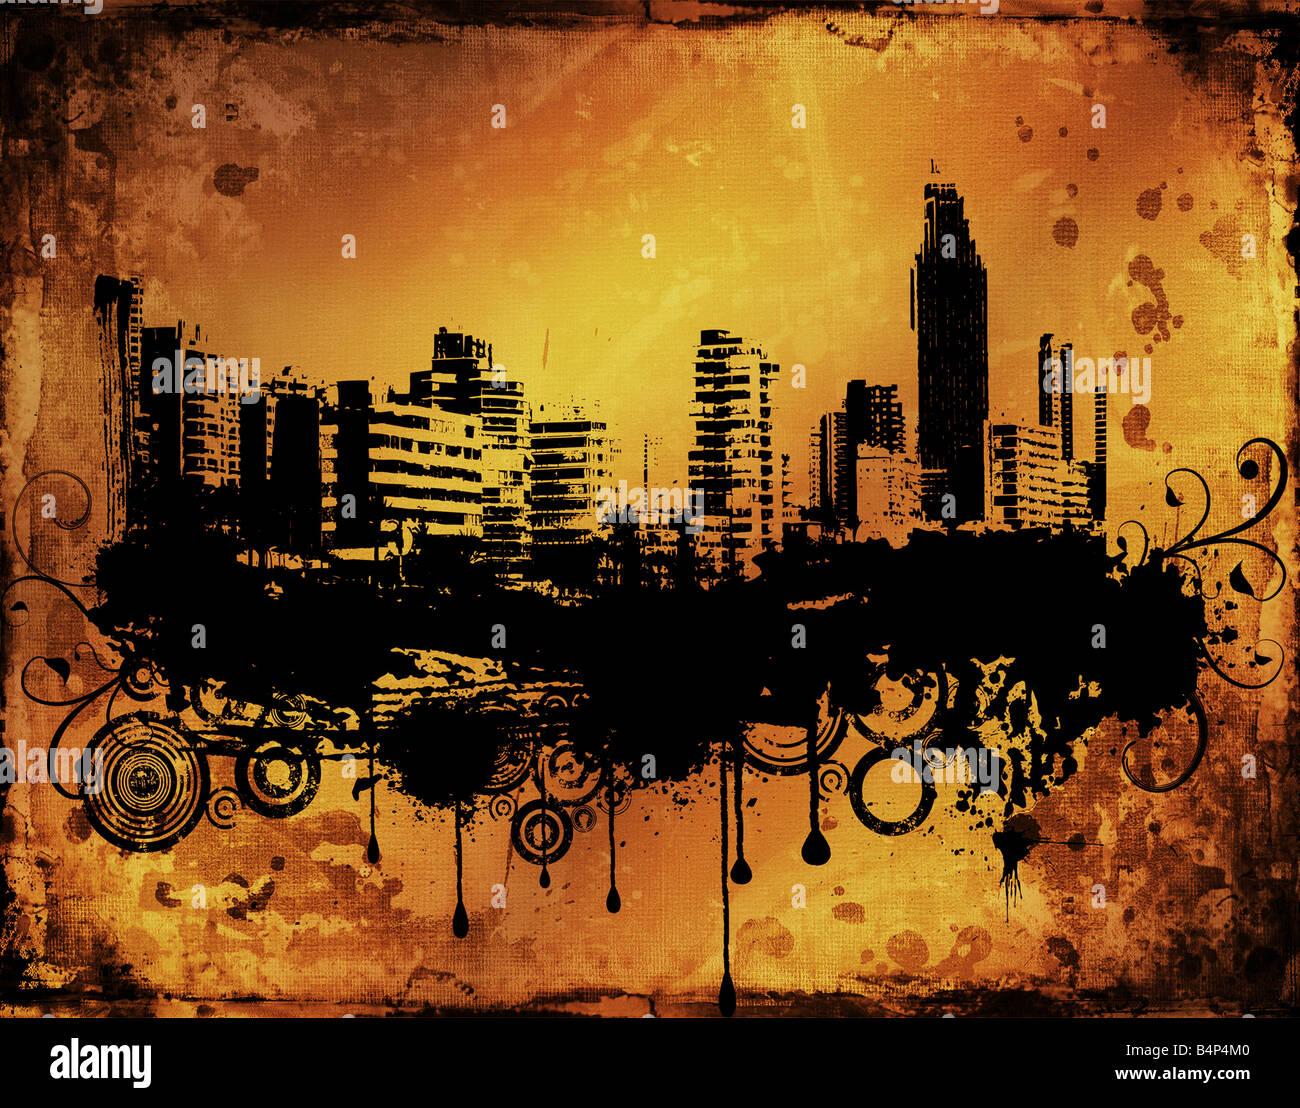 Urban city scene on grunge background - Stock Image